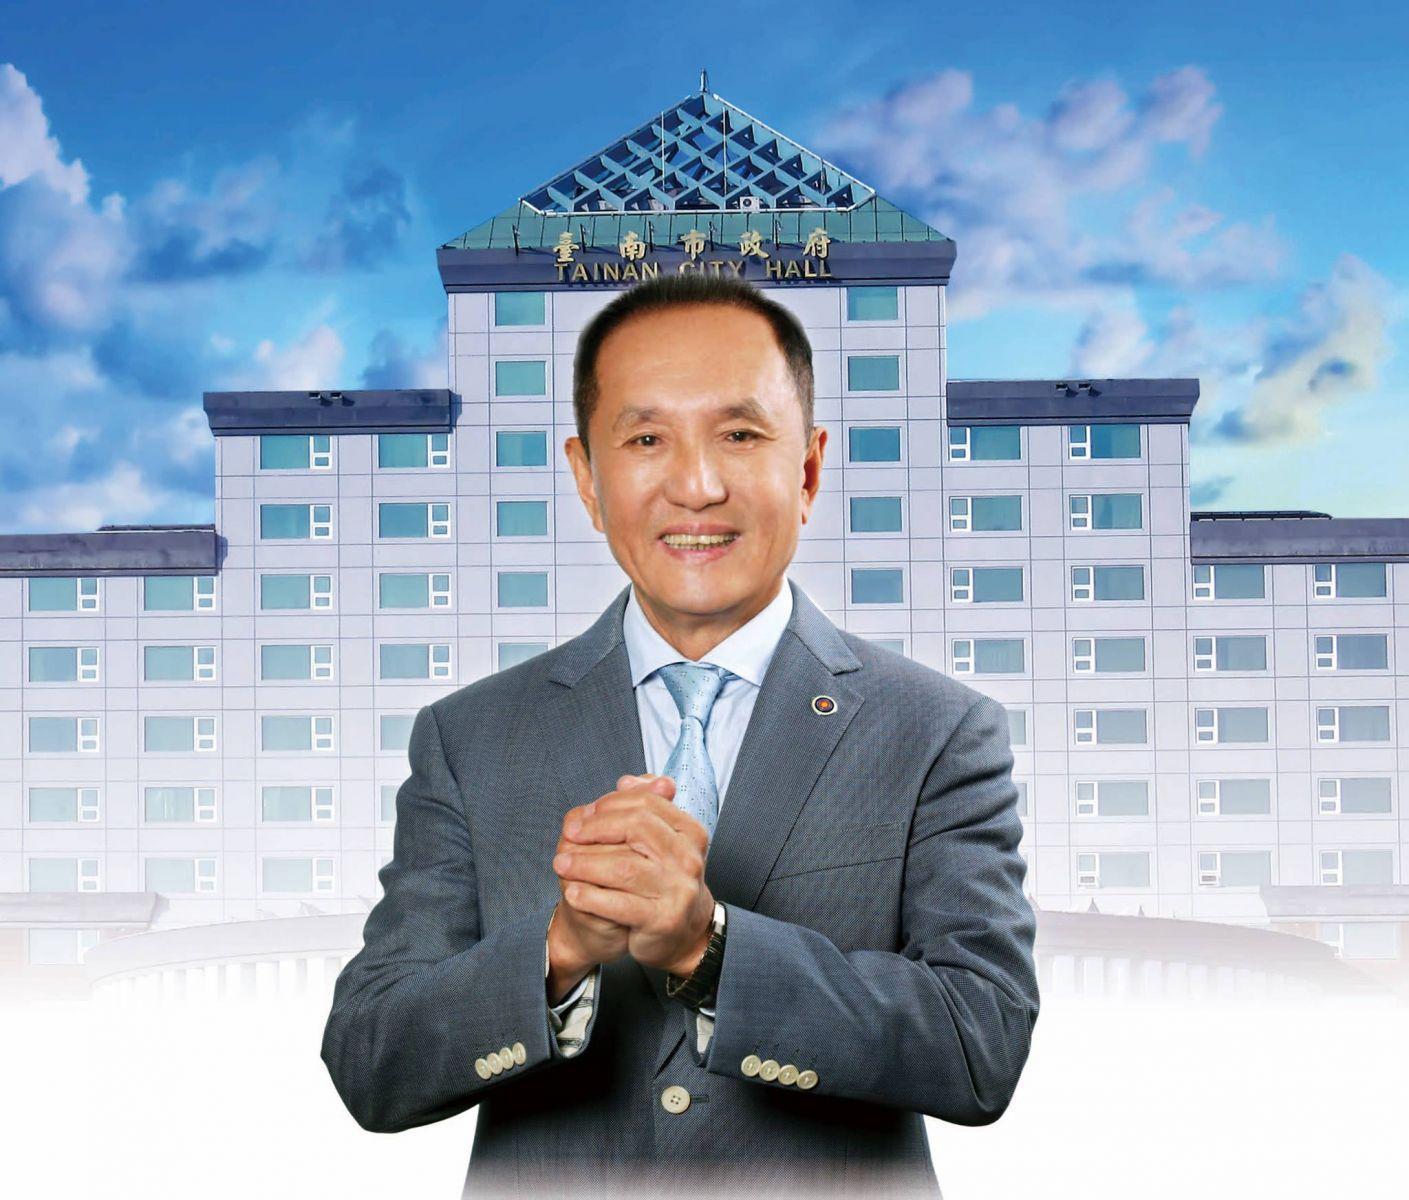 政見超狂、大打電視廣告 台南市長參選人林義豐引熱議